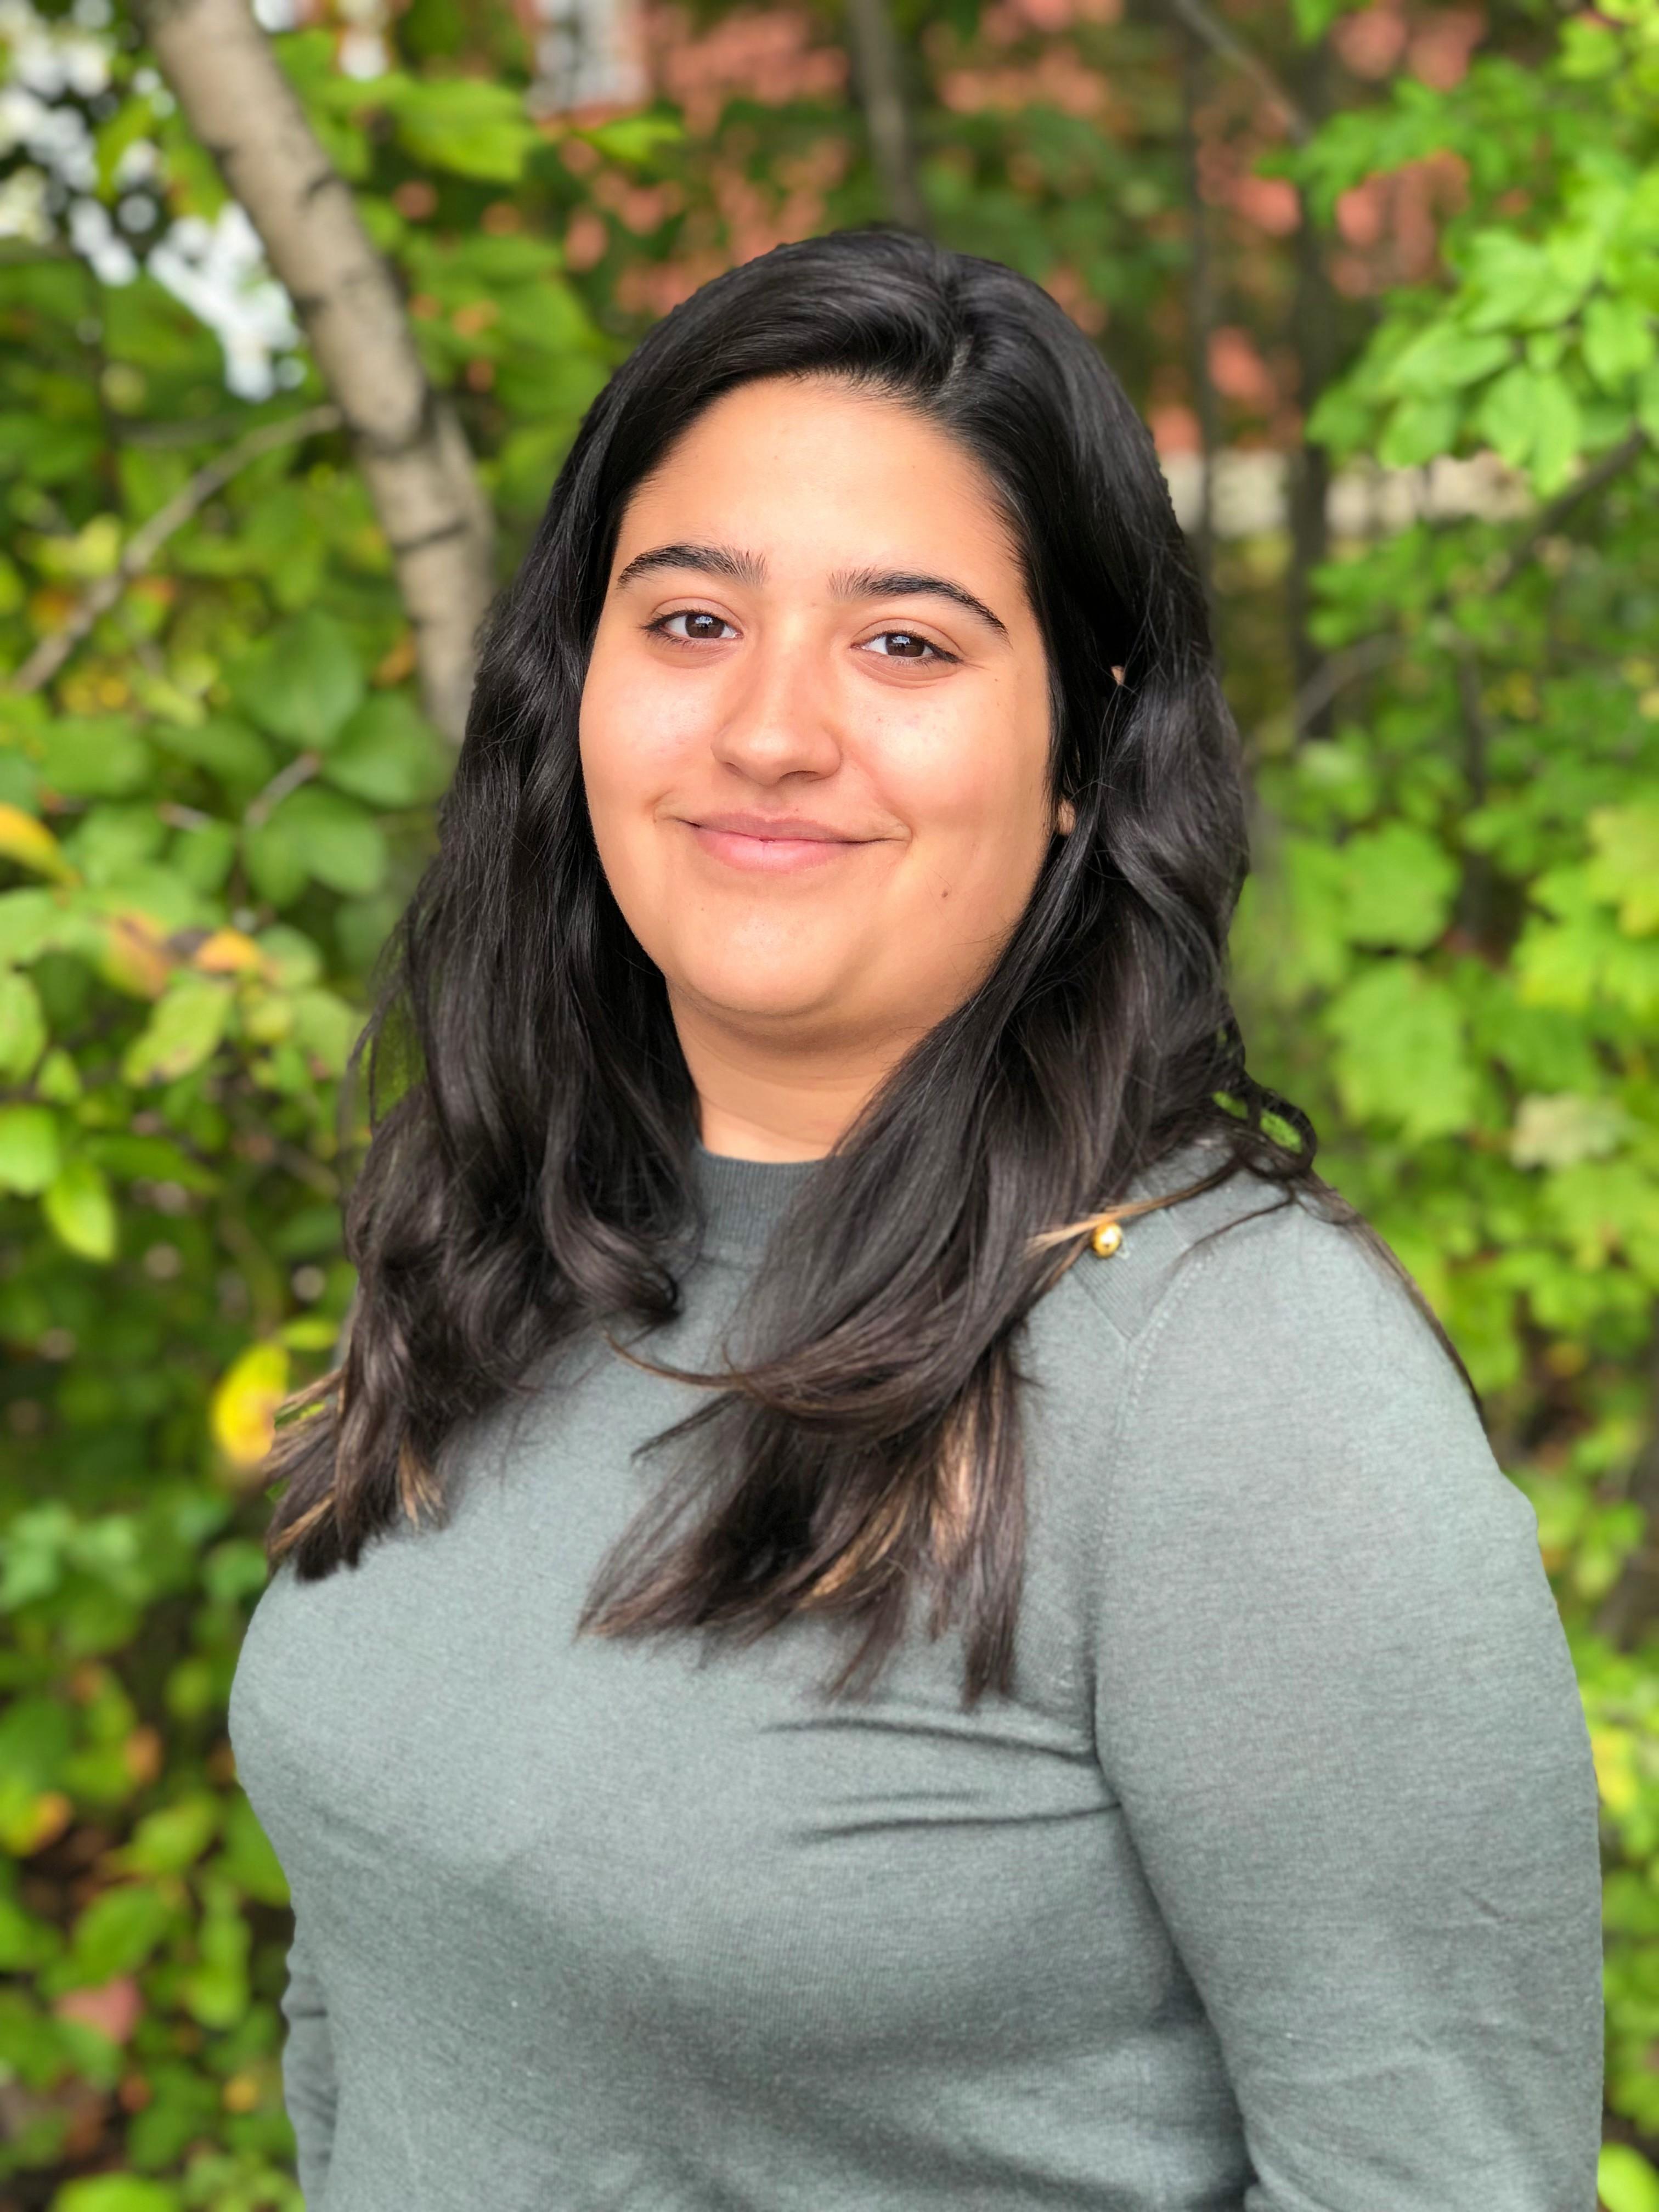 Kimberly Da Silva